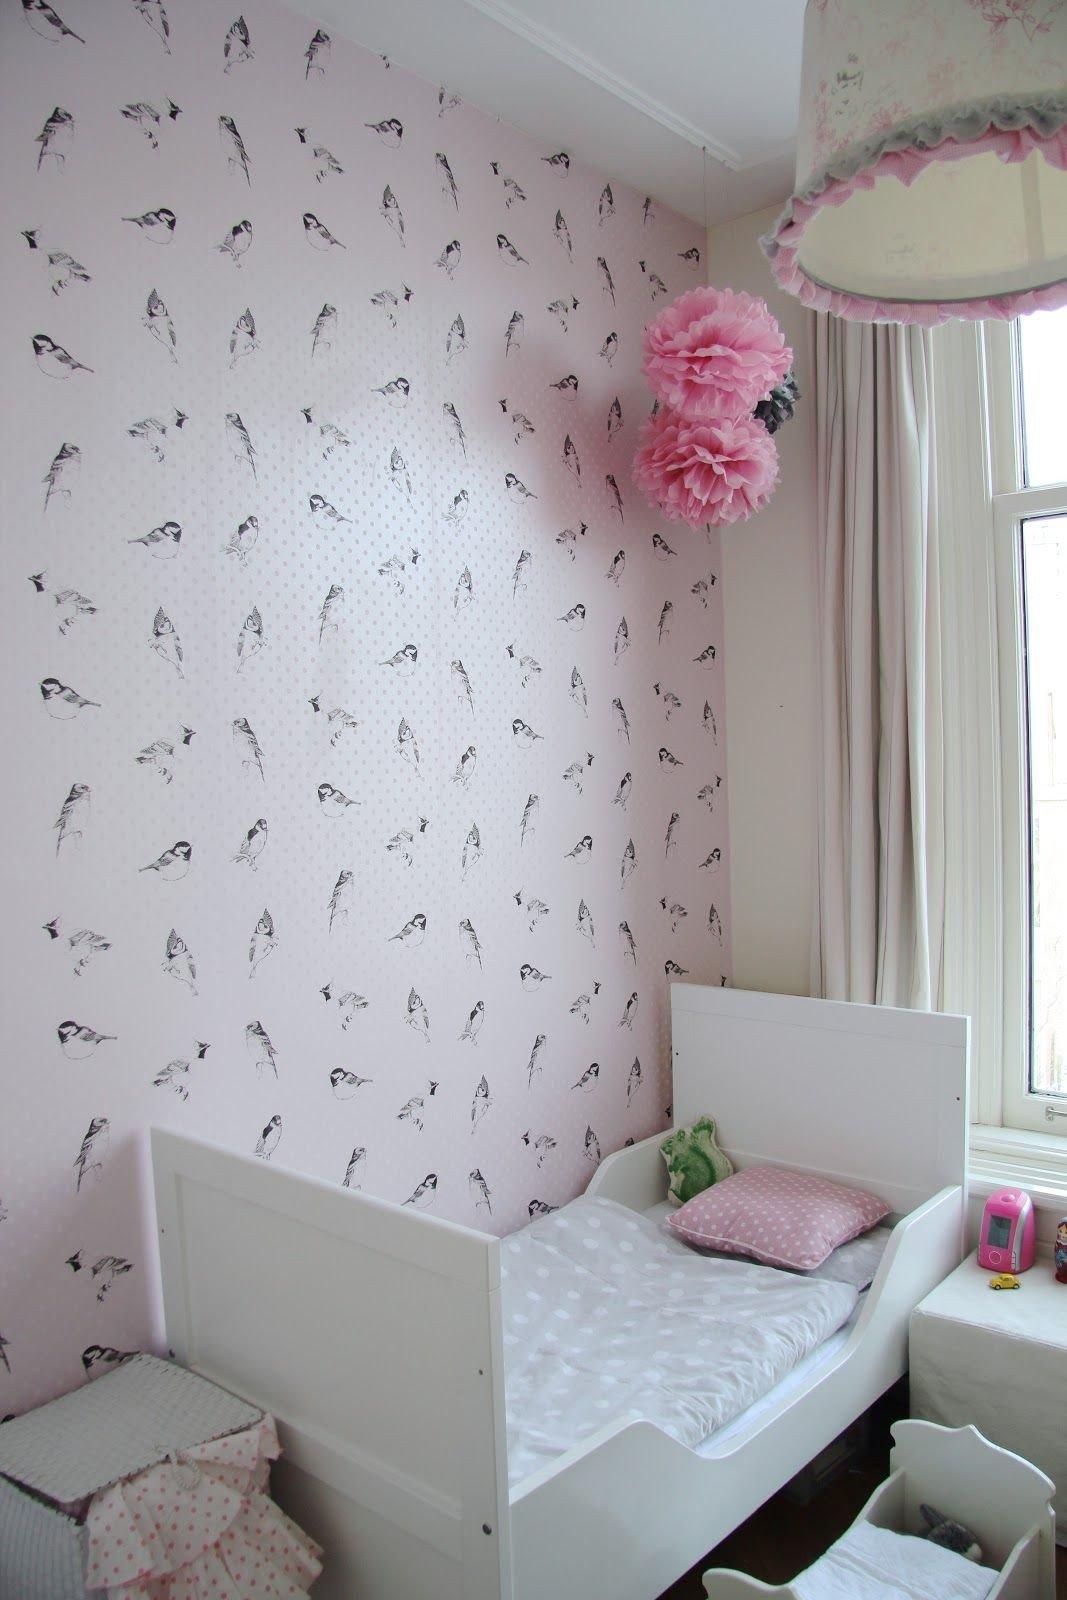 Wallpapers for Girls Bedroom Luxury Children S Room Bird Wallpaper Bellerose by Esta Via